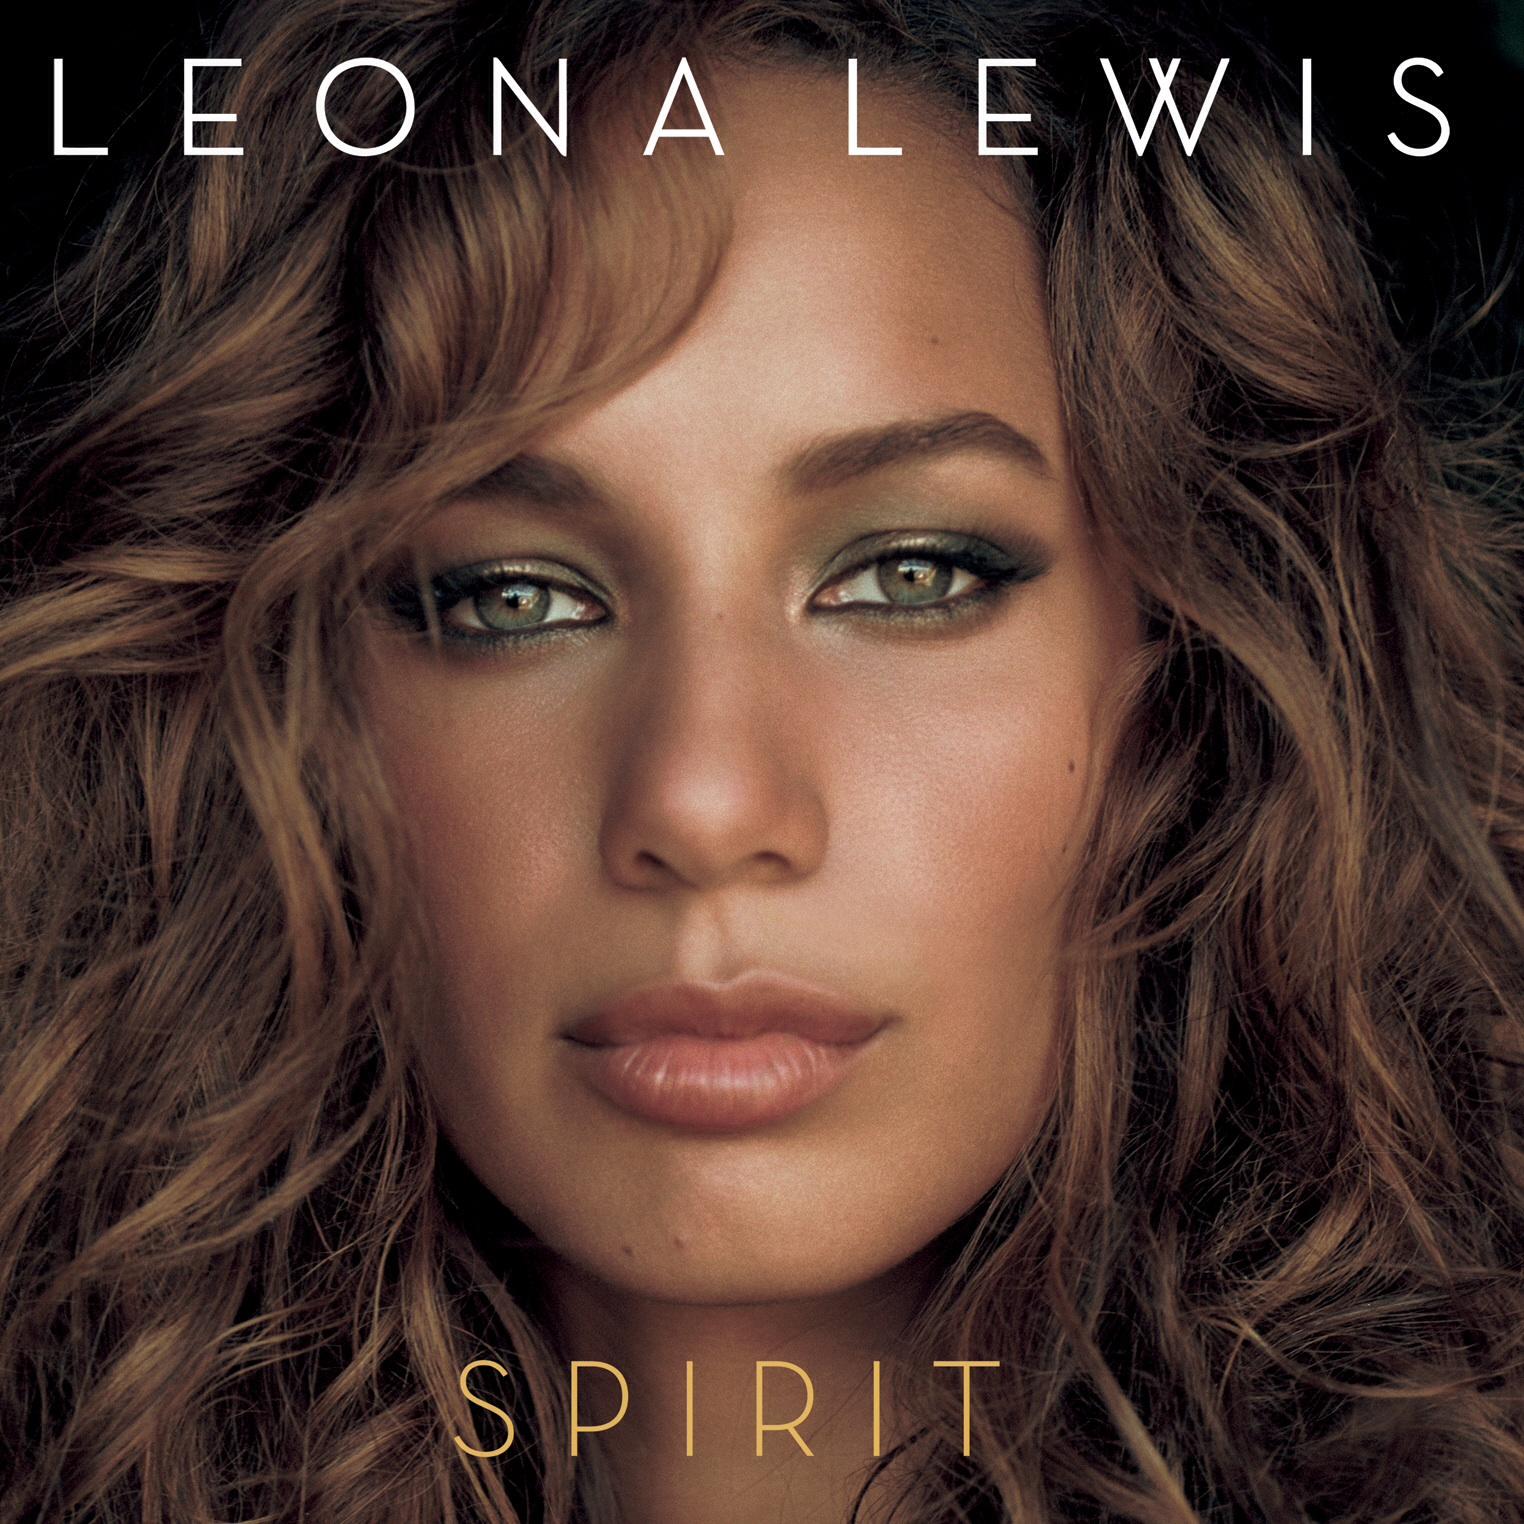 Leona Levis